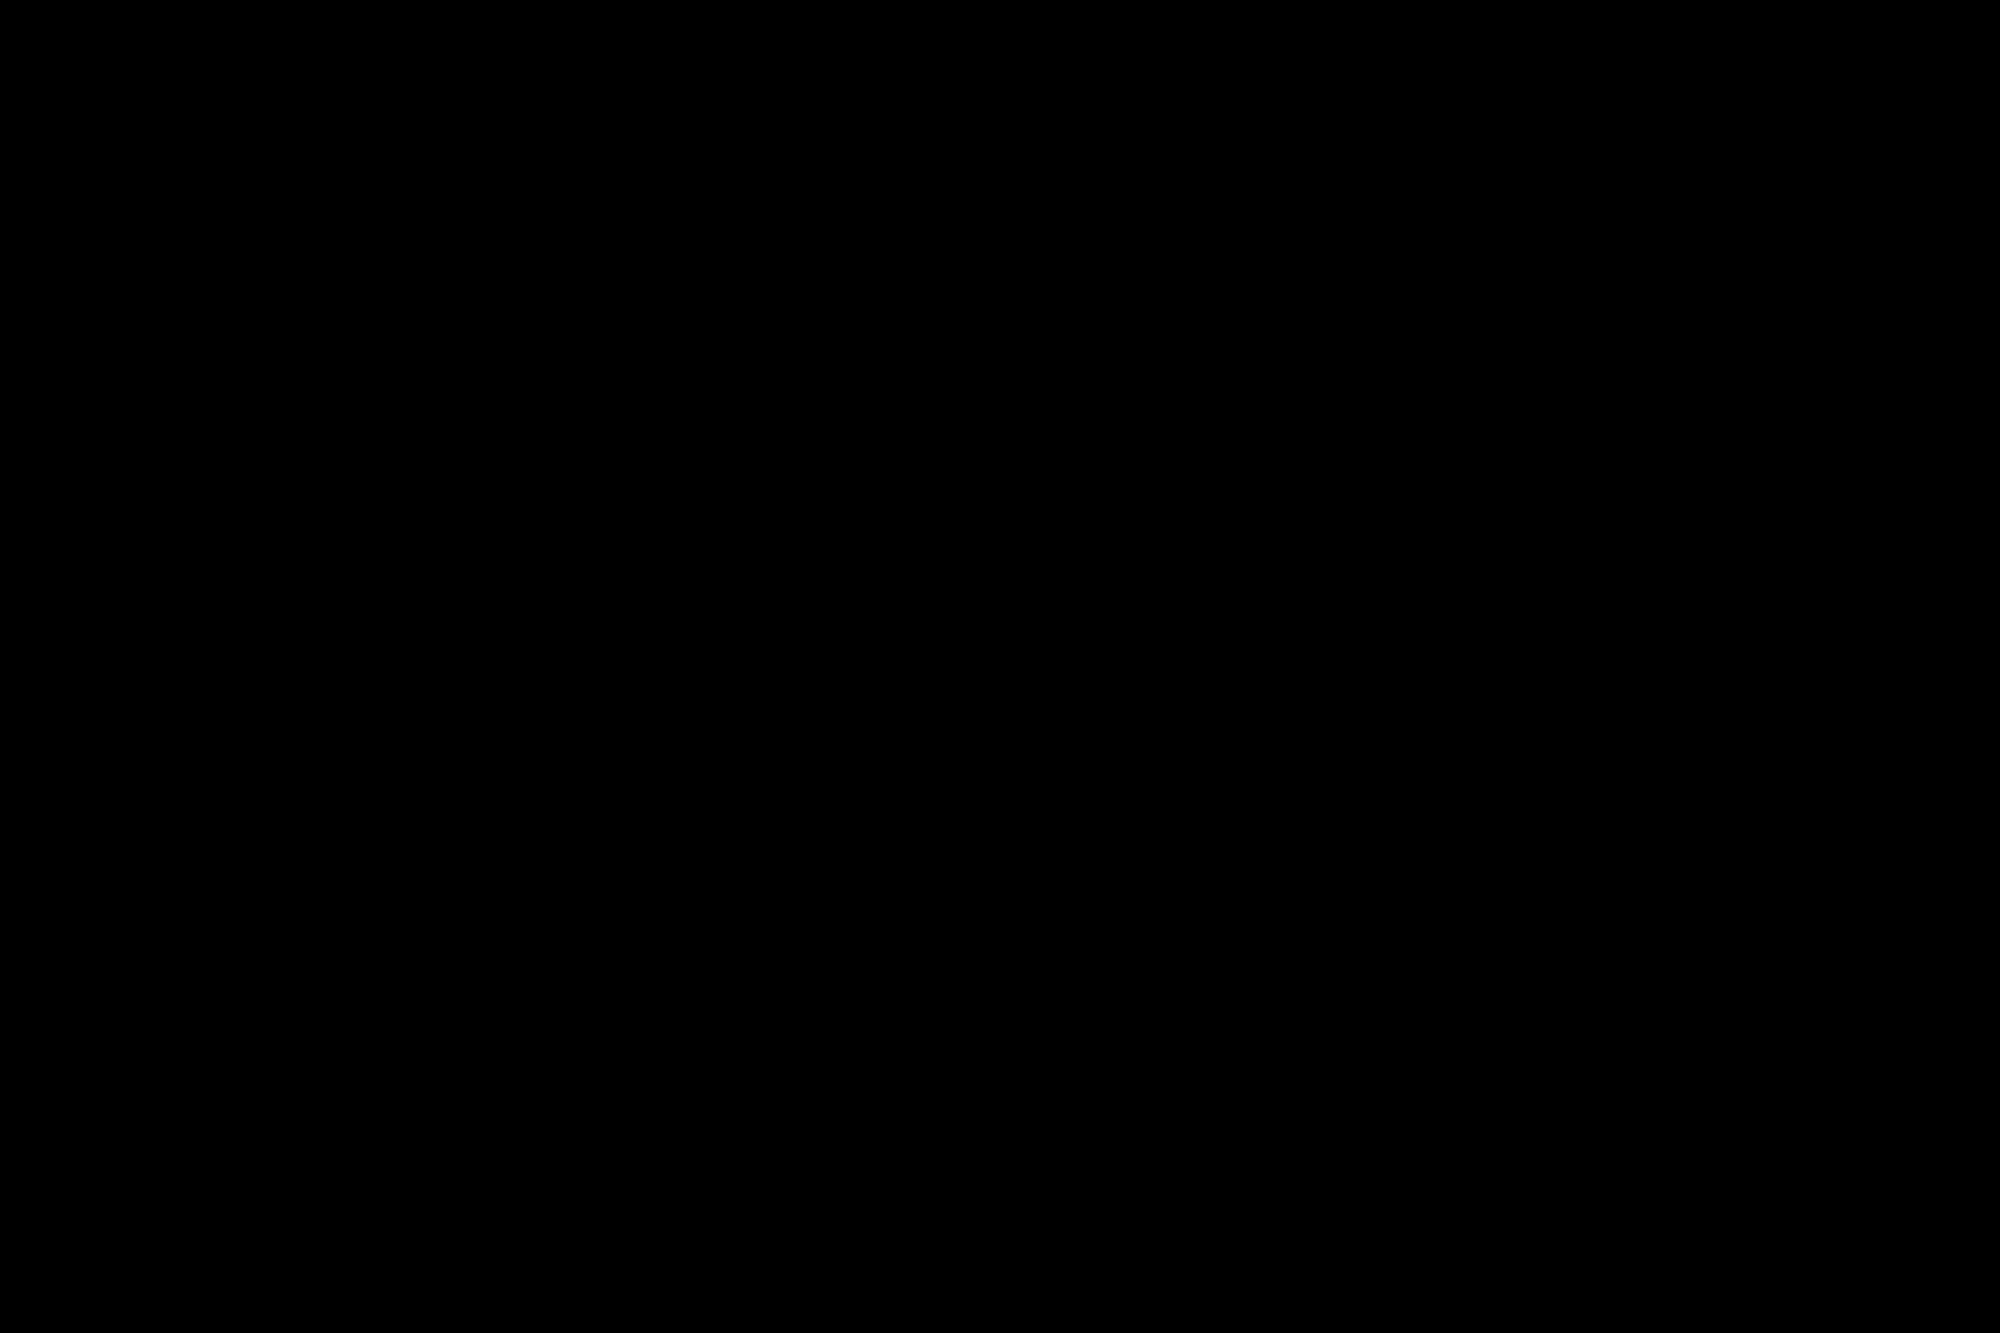 i69a0163